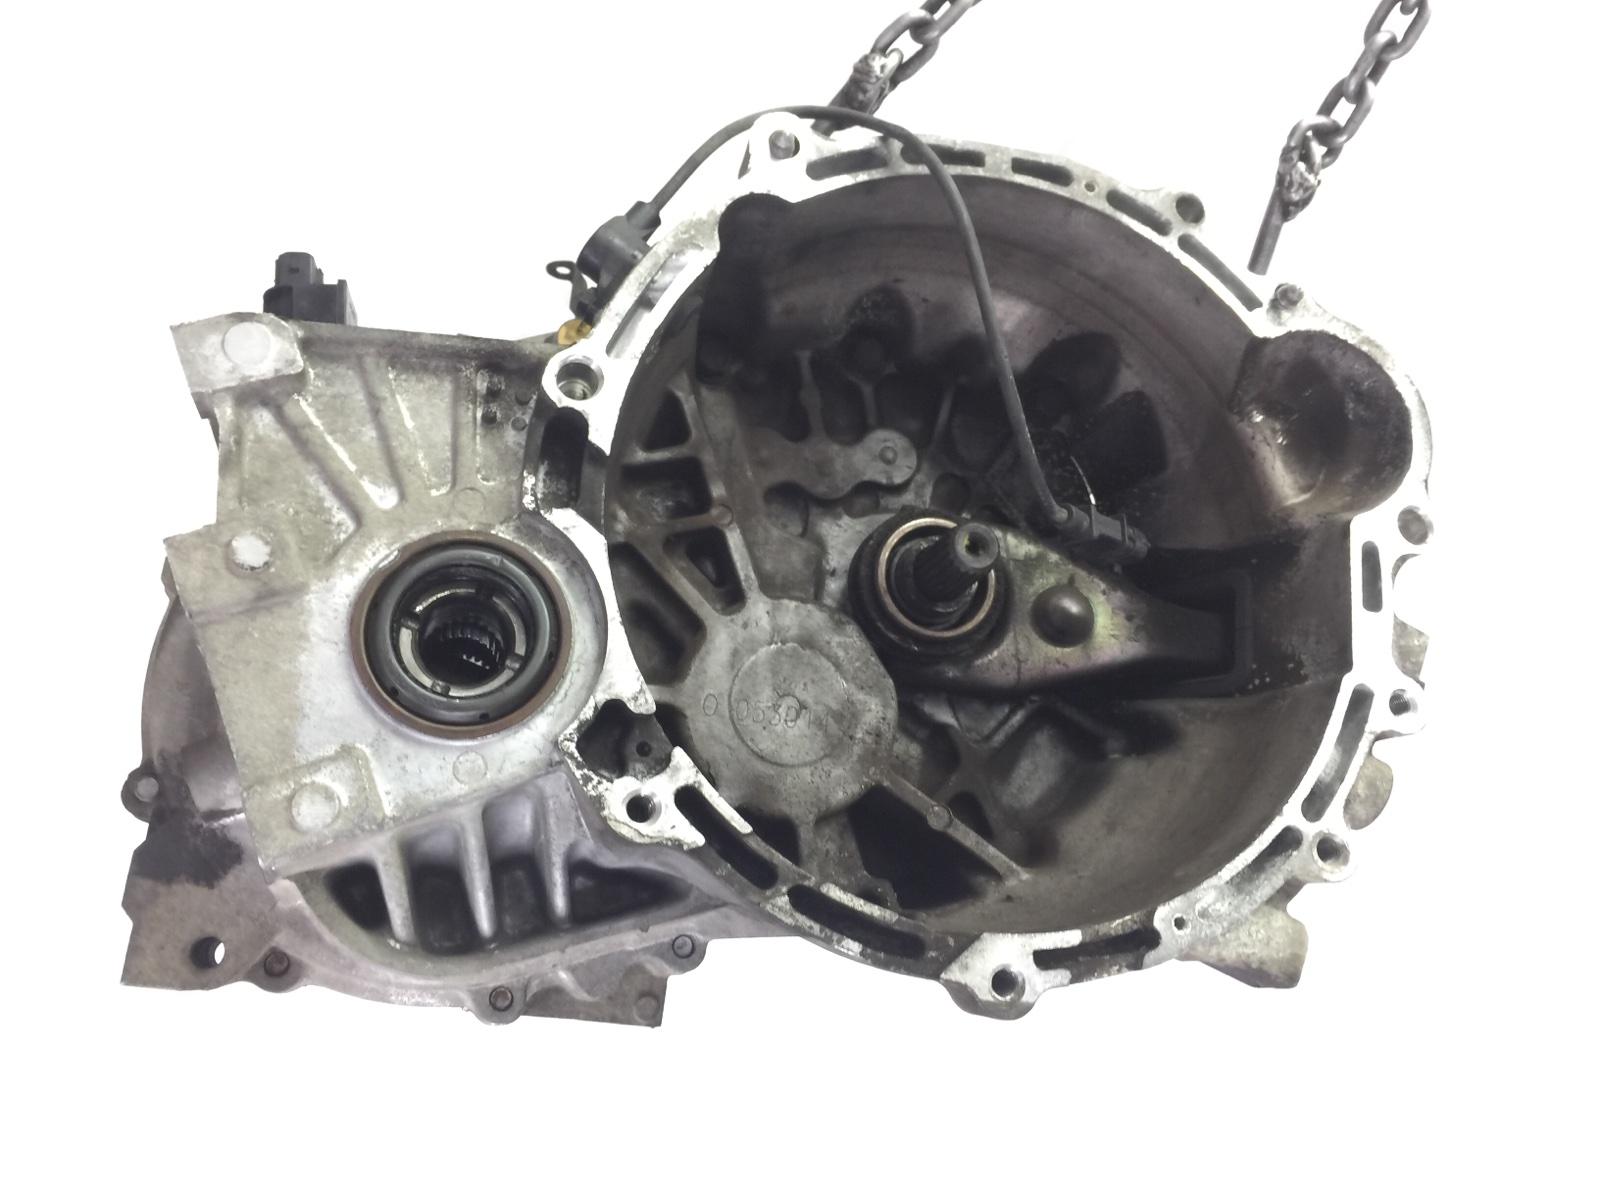 Кпп механическая (мкпп) Kia Ceed 1.6 CRDI 2008 (б/у)